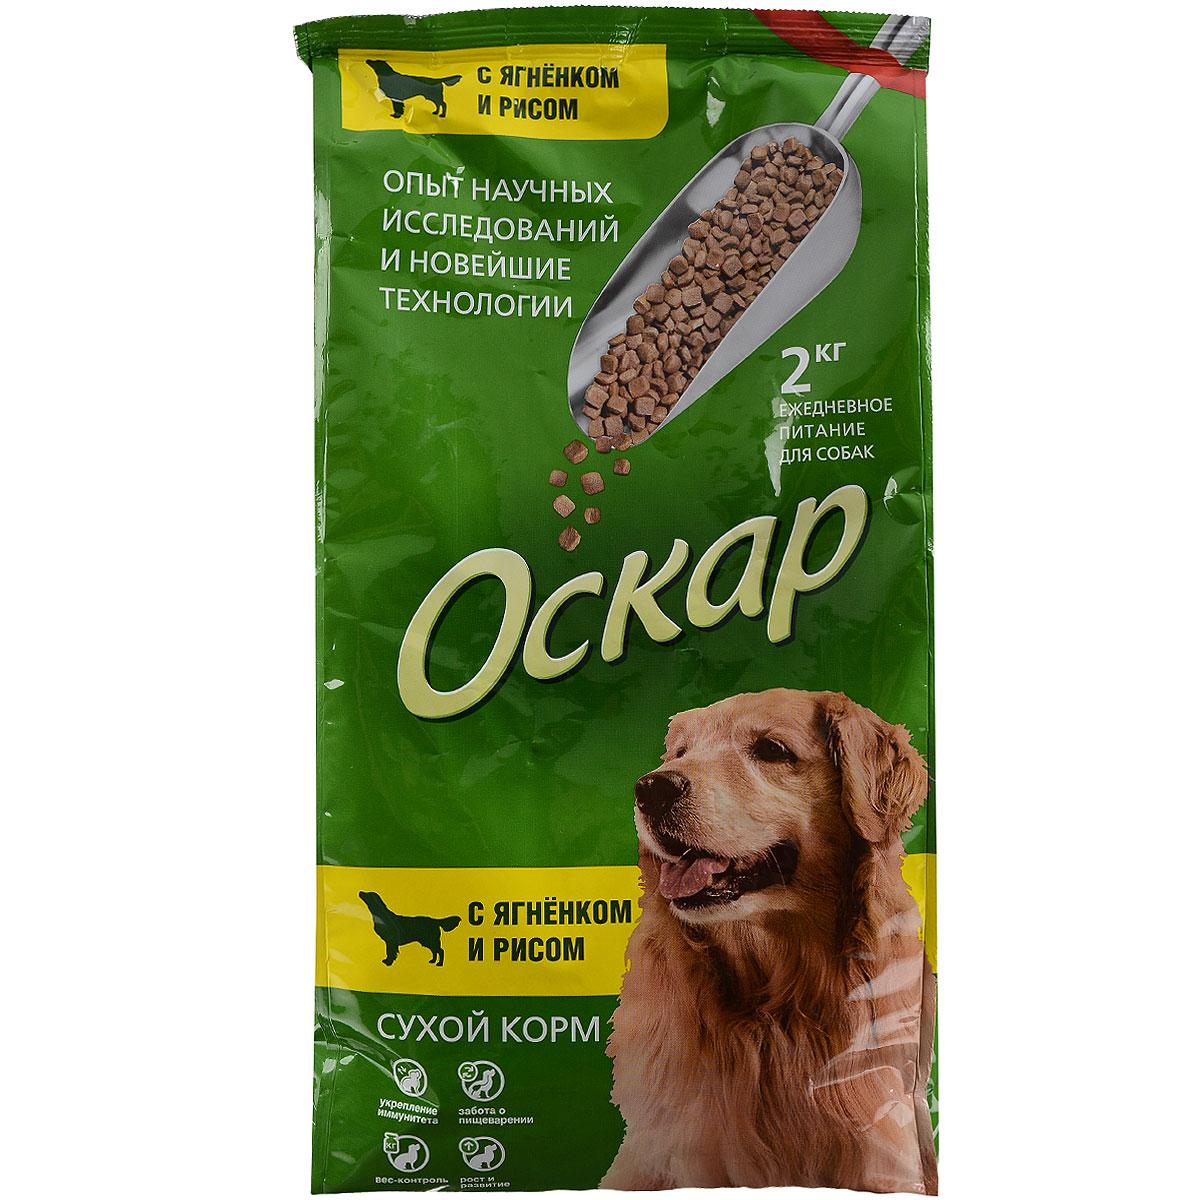 Корм сухой Оскар для собак, с ягненком и рисом, 2 кг43674Сухой корм для собак Оскар представляет собой особую формулу питания, основанную на современных исследованиях в области диетологии и питания домашних животных, а также предпочтениях ваших питомцев. Корм изготовлен из высококачественных ингредиентов, не содержит искусственных красителей и консервантов. Специальная рецептура обеспечивает оптимальный баланс питательных веществ, витаминов и микроэлементов. Особенности: - укрепление иммунитета, - подвижность, - кальций, - вес-контроль, - забота о шерсти и коже, - рост и развитие, - забота о пищеварении, - жизненный тонус. Состав: злаки (рис), экстракт белка растительного происхождения, мясо и мясопродукты (в том числе ягненок-печень), подсолнечное масло, пшеничные отруби, минеральные добавки, пульпа сахарной свеклы (жом), витамины, антиоксидант. Содержание питательных веществ: сырой протеин 22%, сырой жир 12%, сырая клетчатка 3%, сырая зола 7%, влажность 10%,...